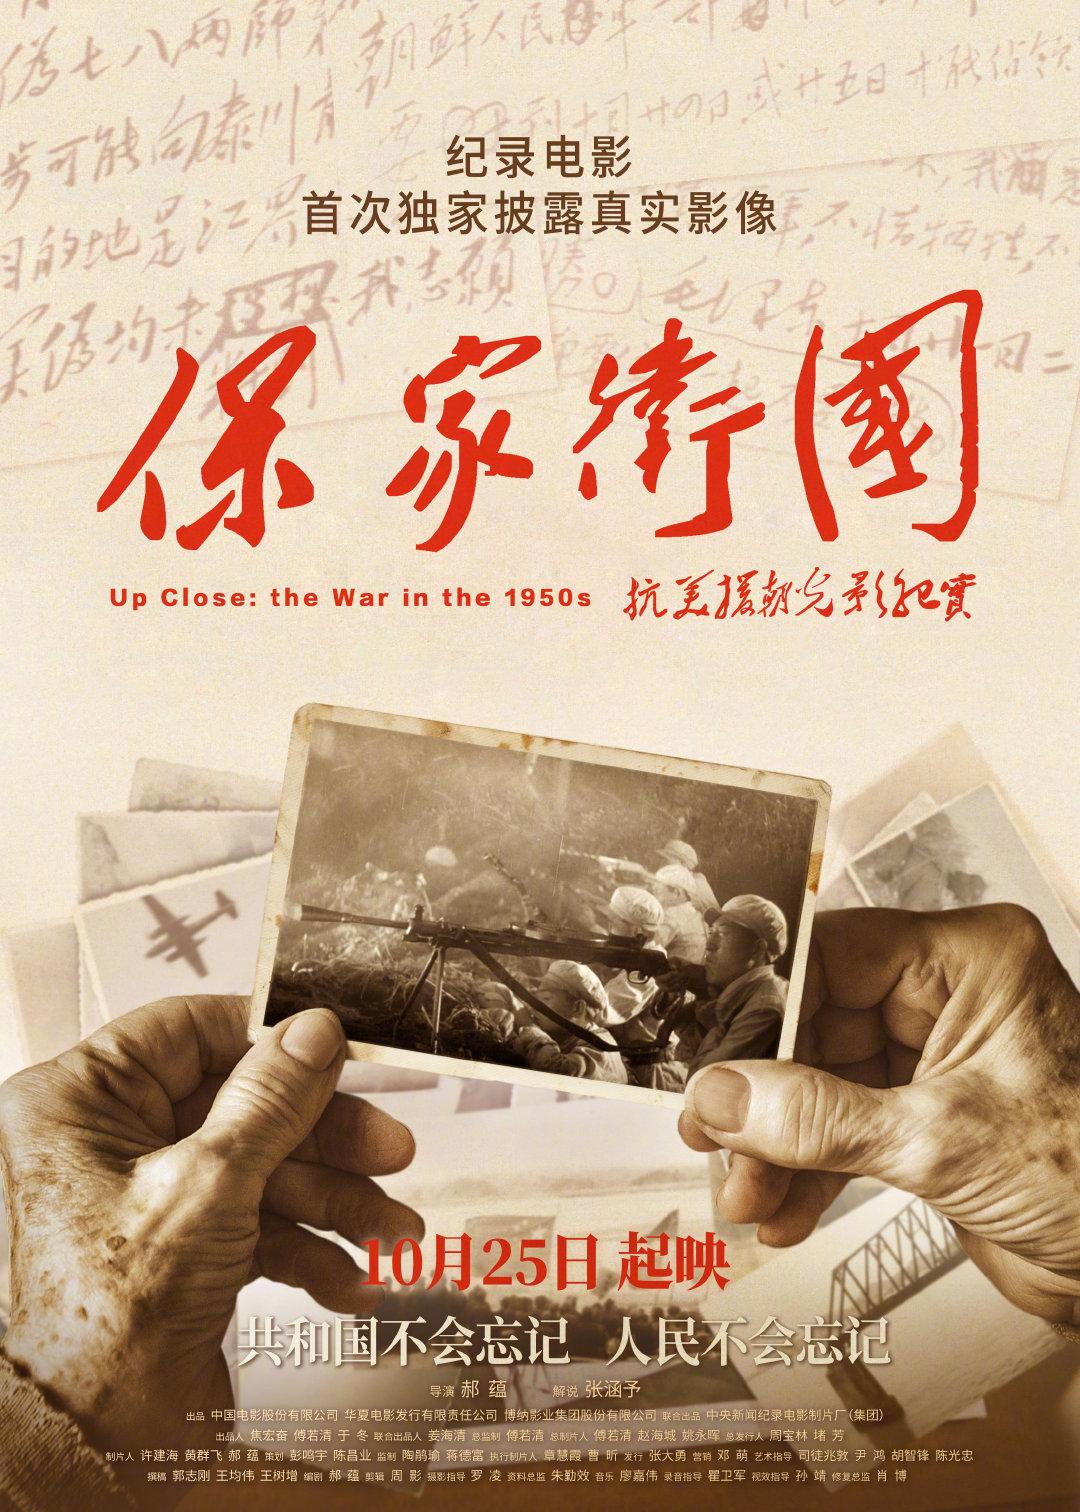 《保家卫国——抗美援朝光影纪实》定档10月25日,张涵予解说图片